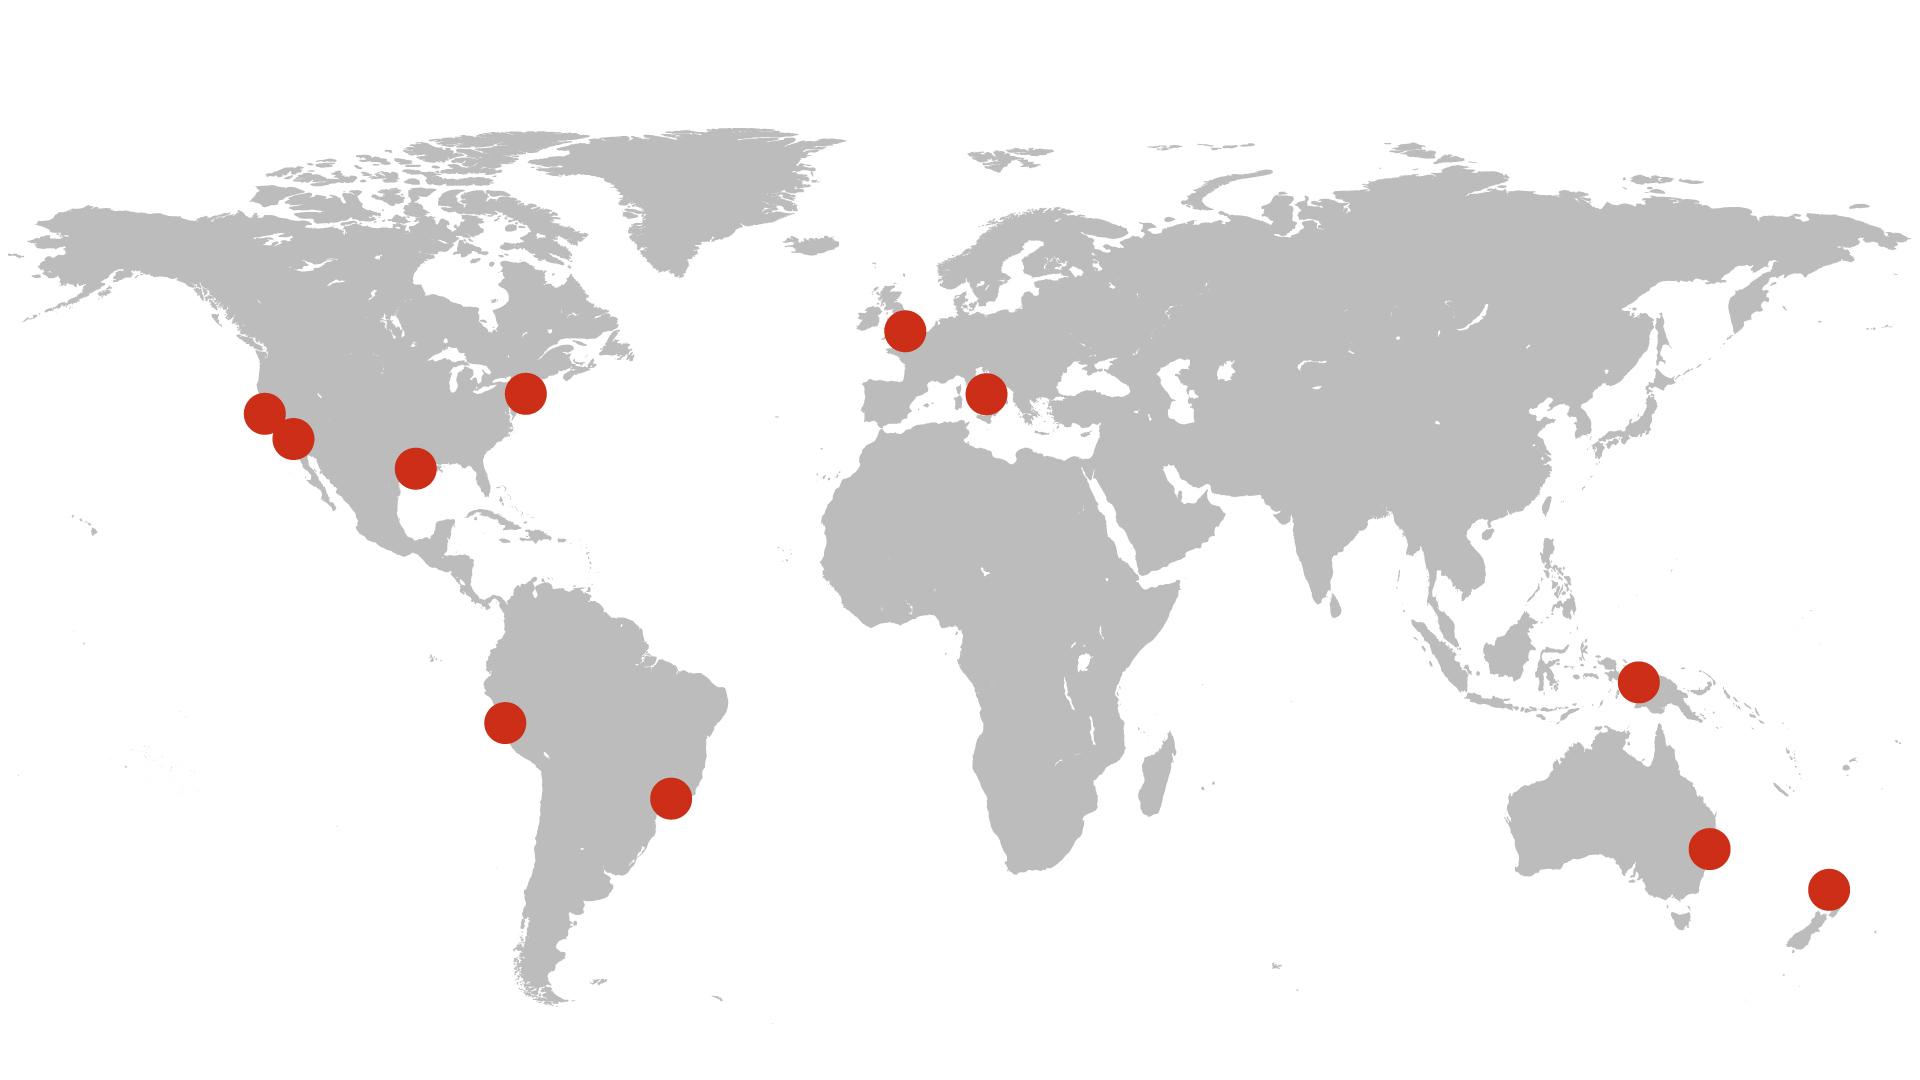 JB_WEB_World_Map_Do_More_D01.jpg